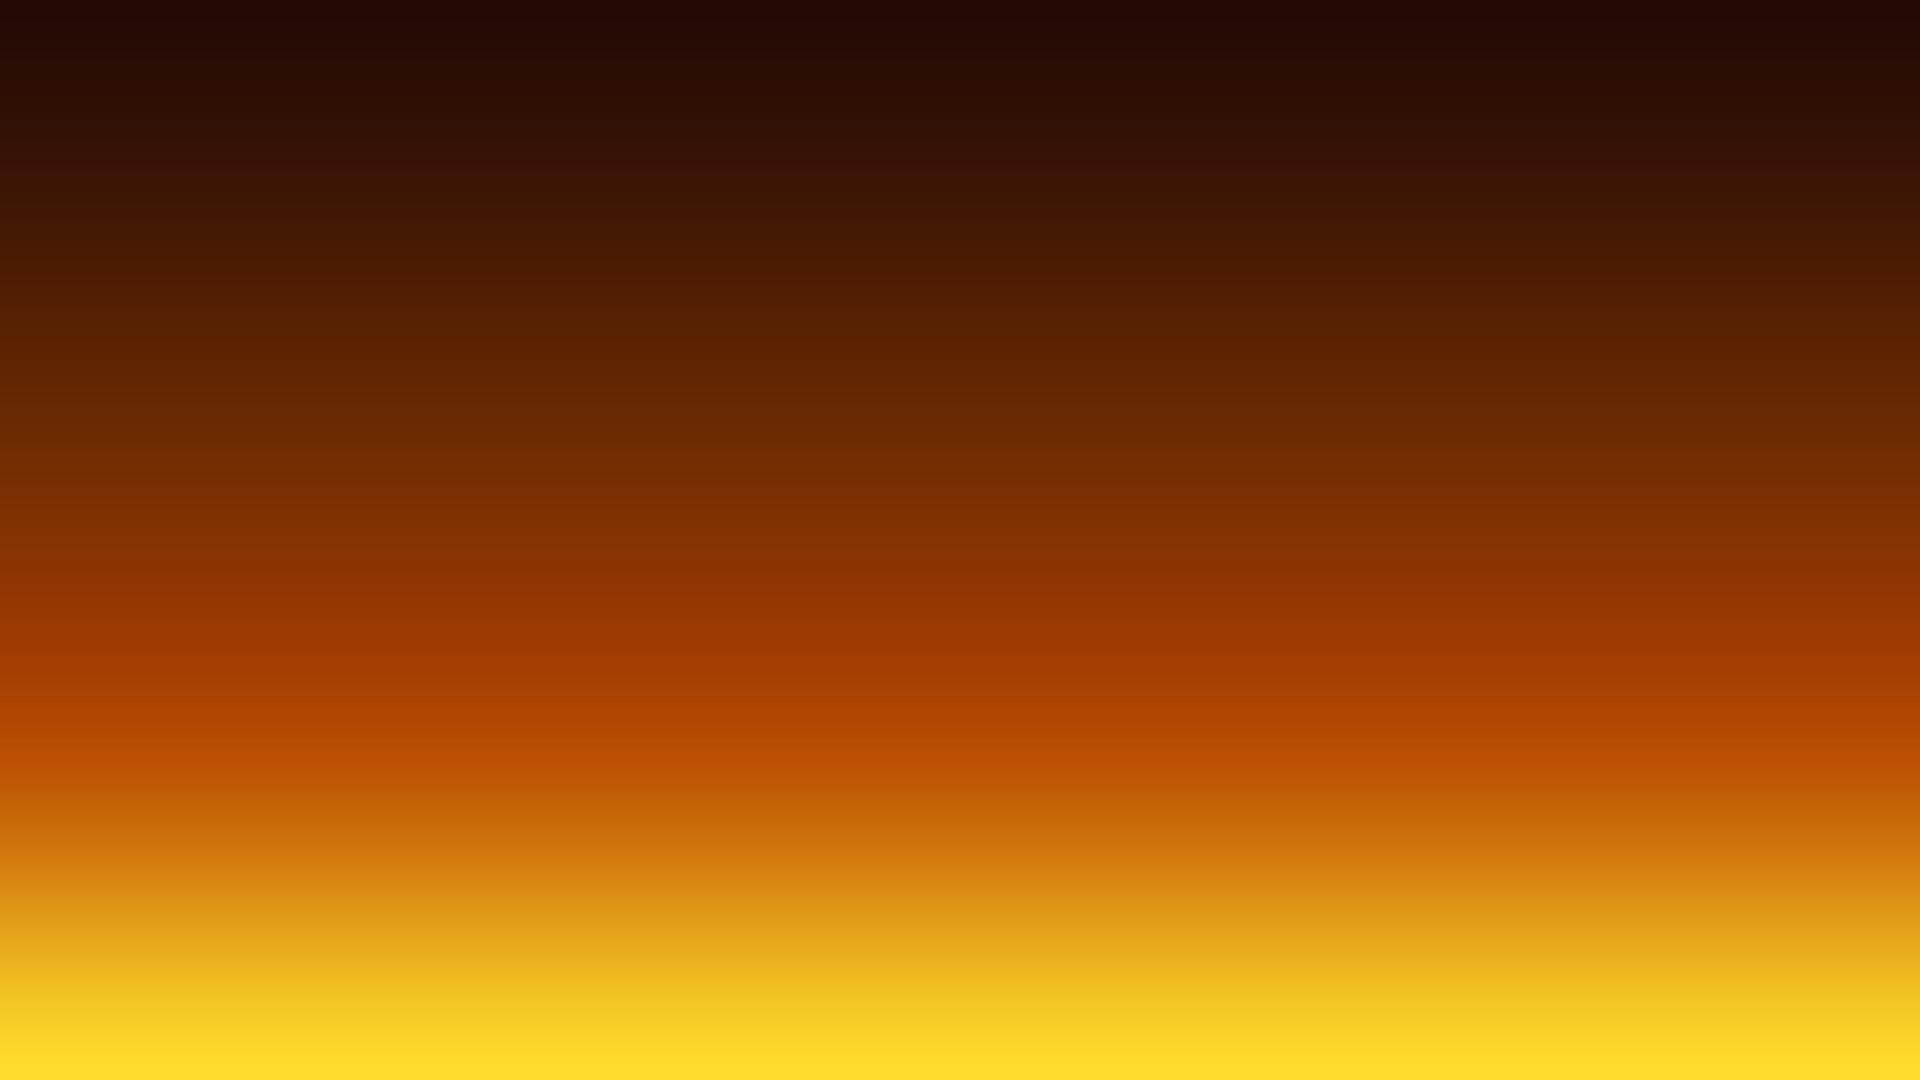 1920x1080 Gradient Orange Warm Blur Laptop Full Hd 1080p Hd